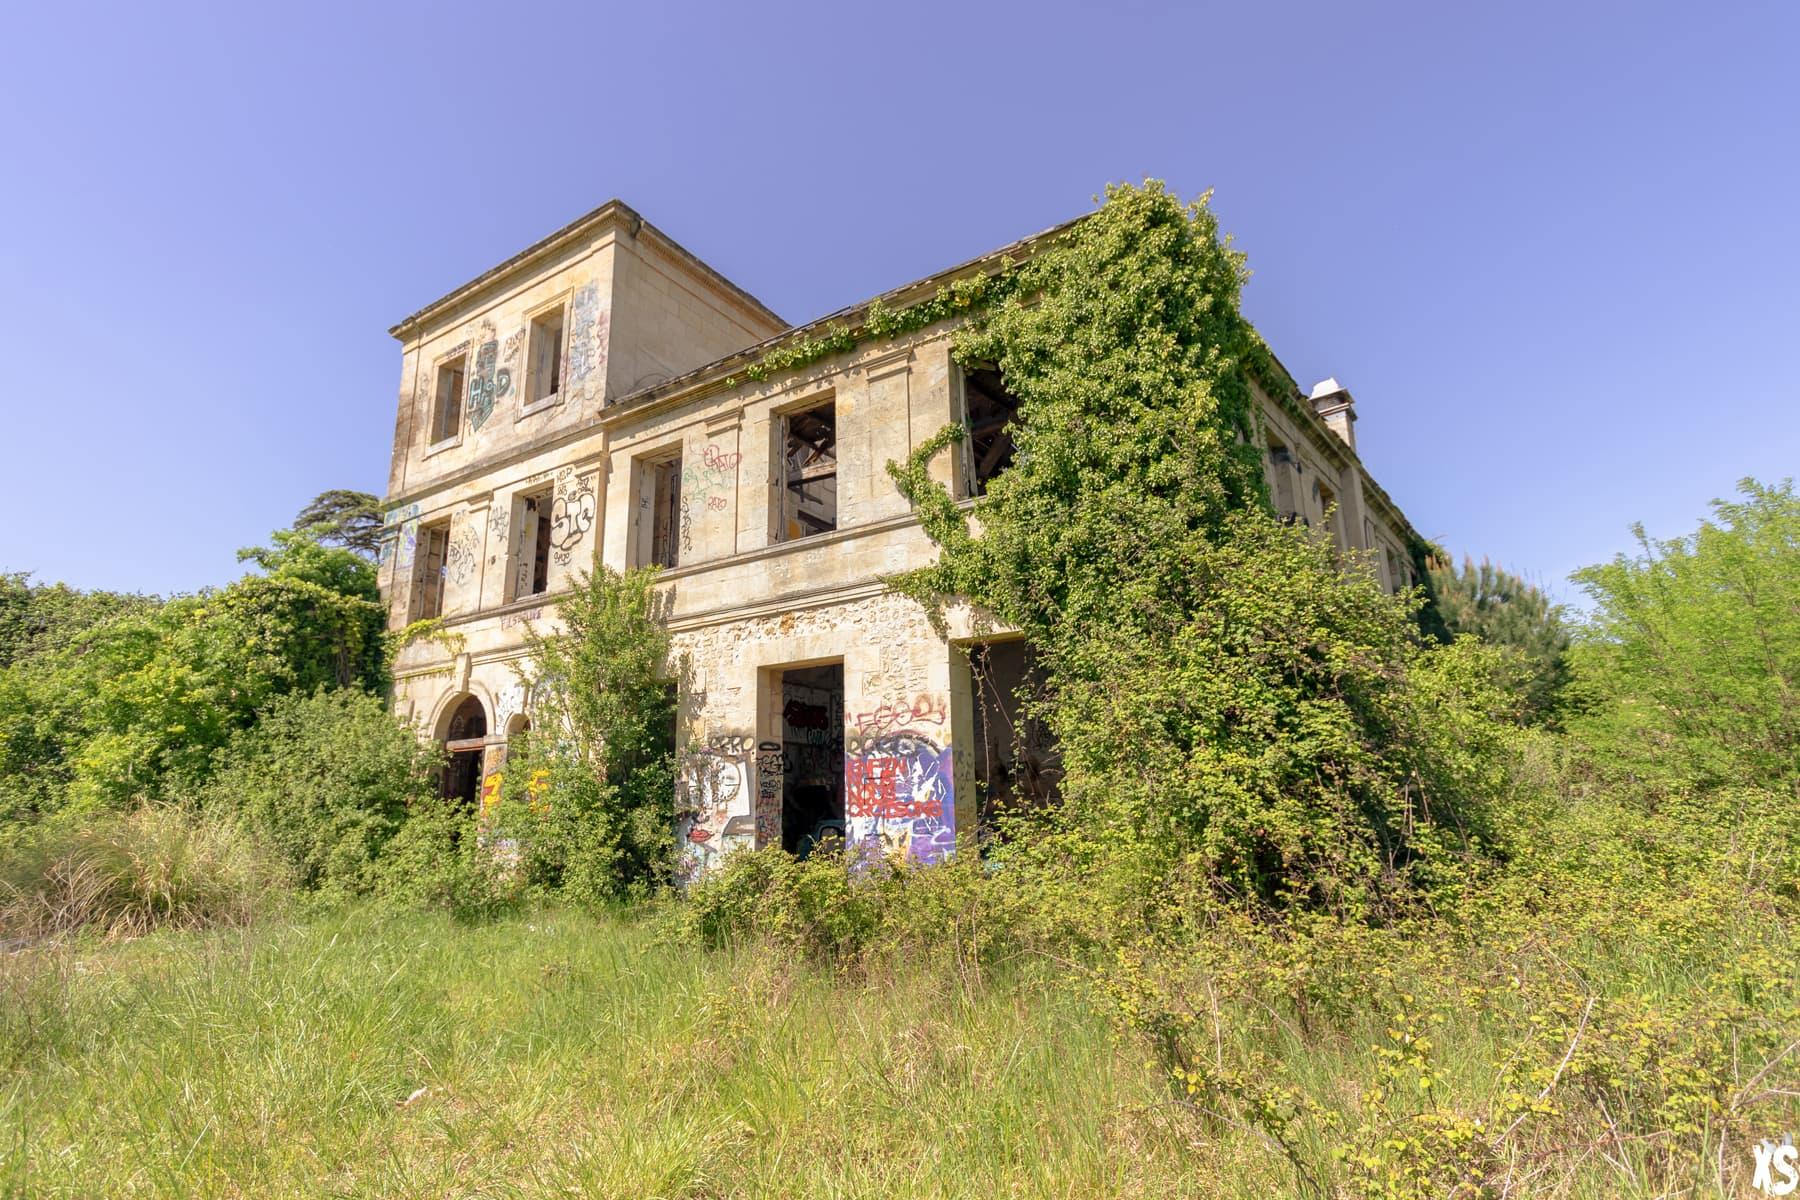 Chartreuse de Bel Sito située à Floirac   urbexsession.com/chartreuse-de-bel-sito   Urbex Floirac